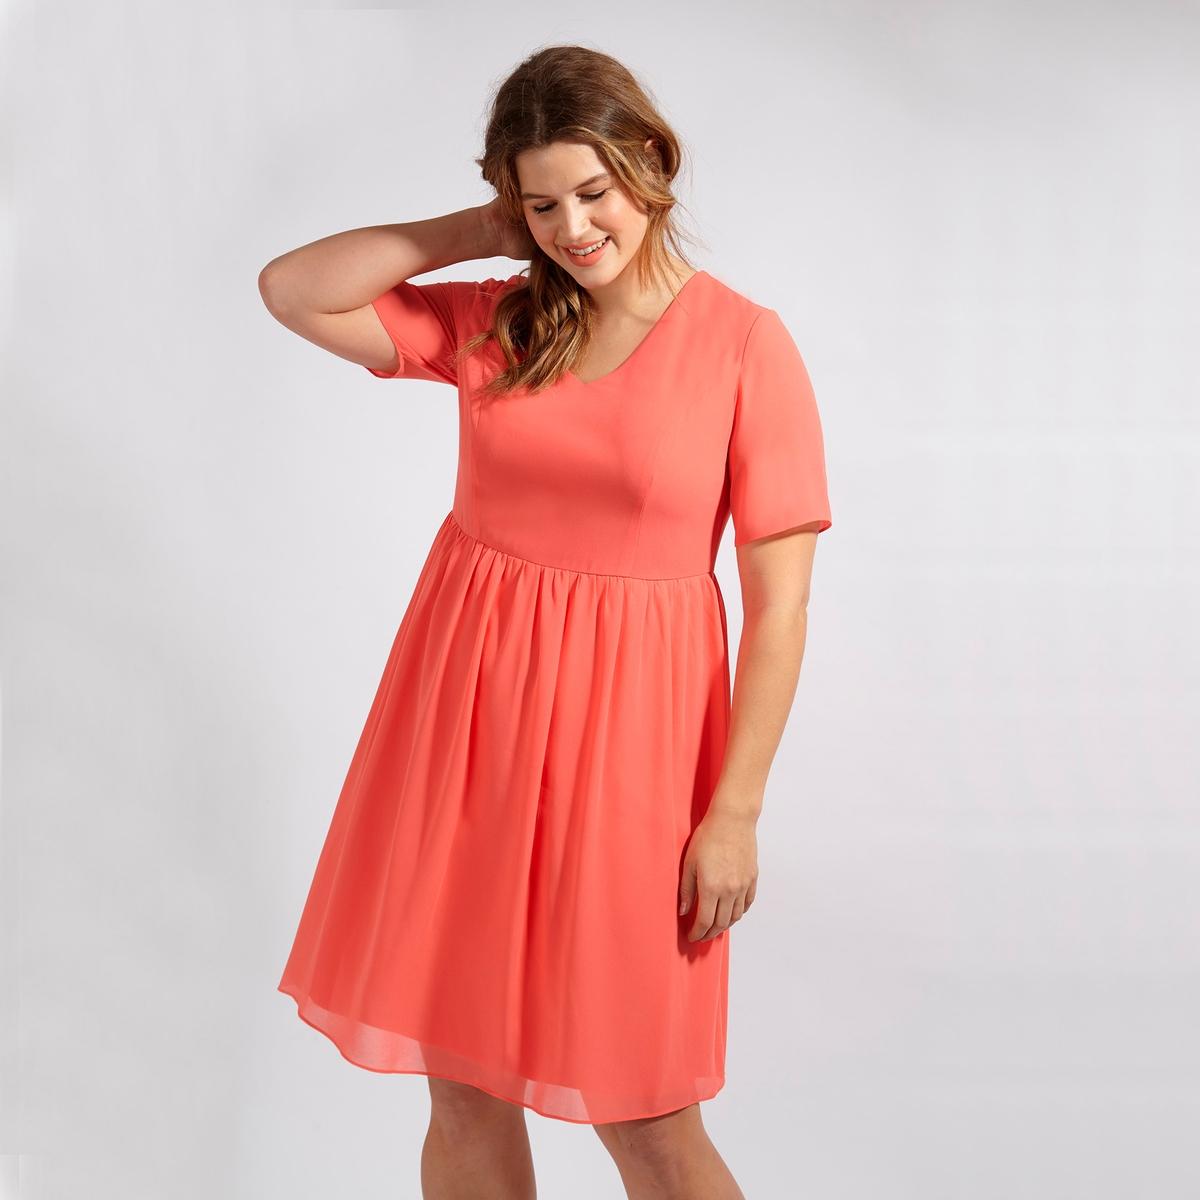 ПлатьеПлатье с короткими рукавами LOVEDROBE. V-образный вырез. Длина до колен. Застежка на молнию сзади. 100% полиэстер<br><br>Цвет: коралловый<br>Размер: 48 (FR) - 54 (RUS)